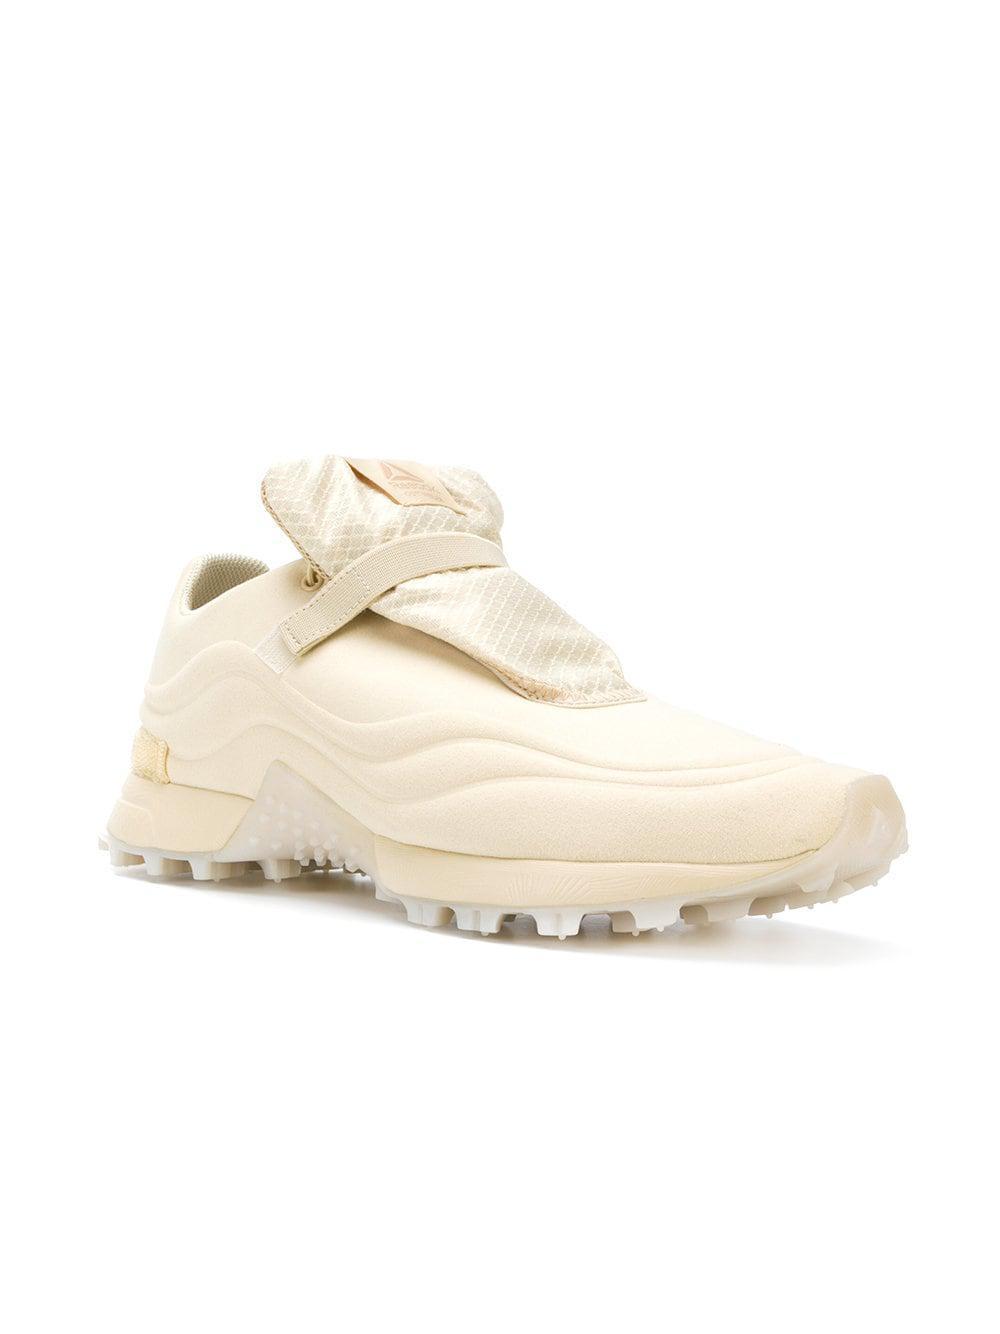 official photos 9b212 742fb reebok-Neutrals-X-Cottweiler-Desert-Sneakers.jpeg